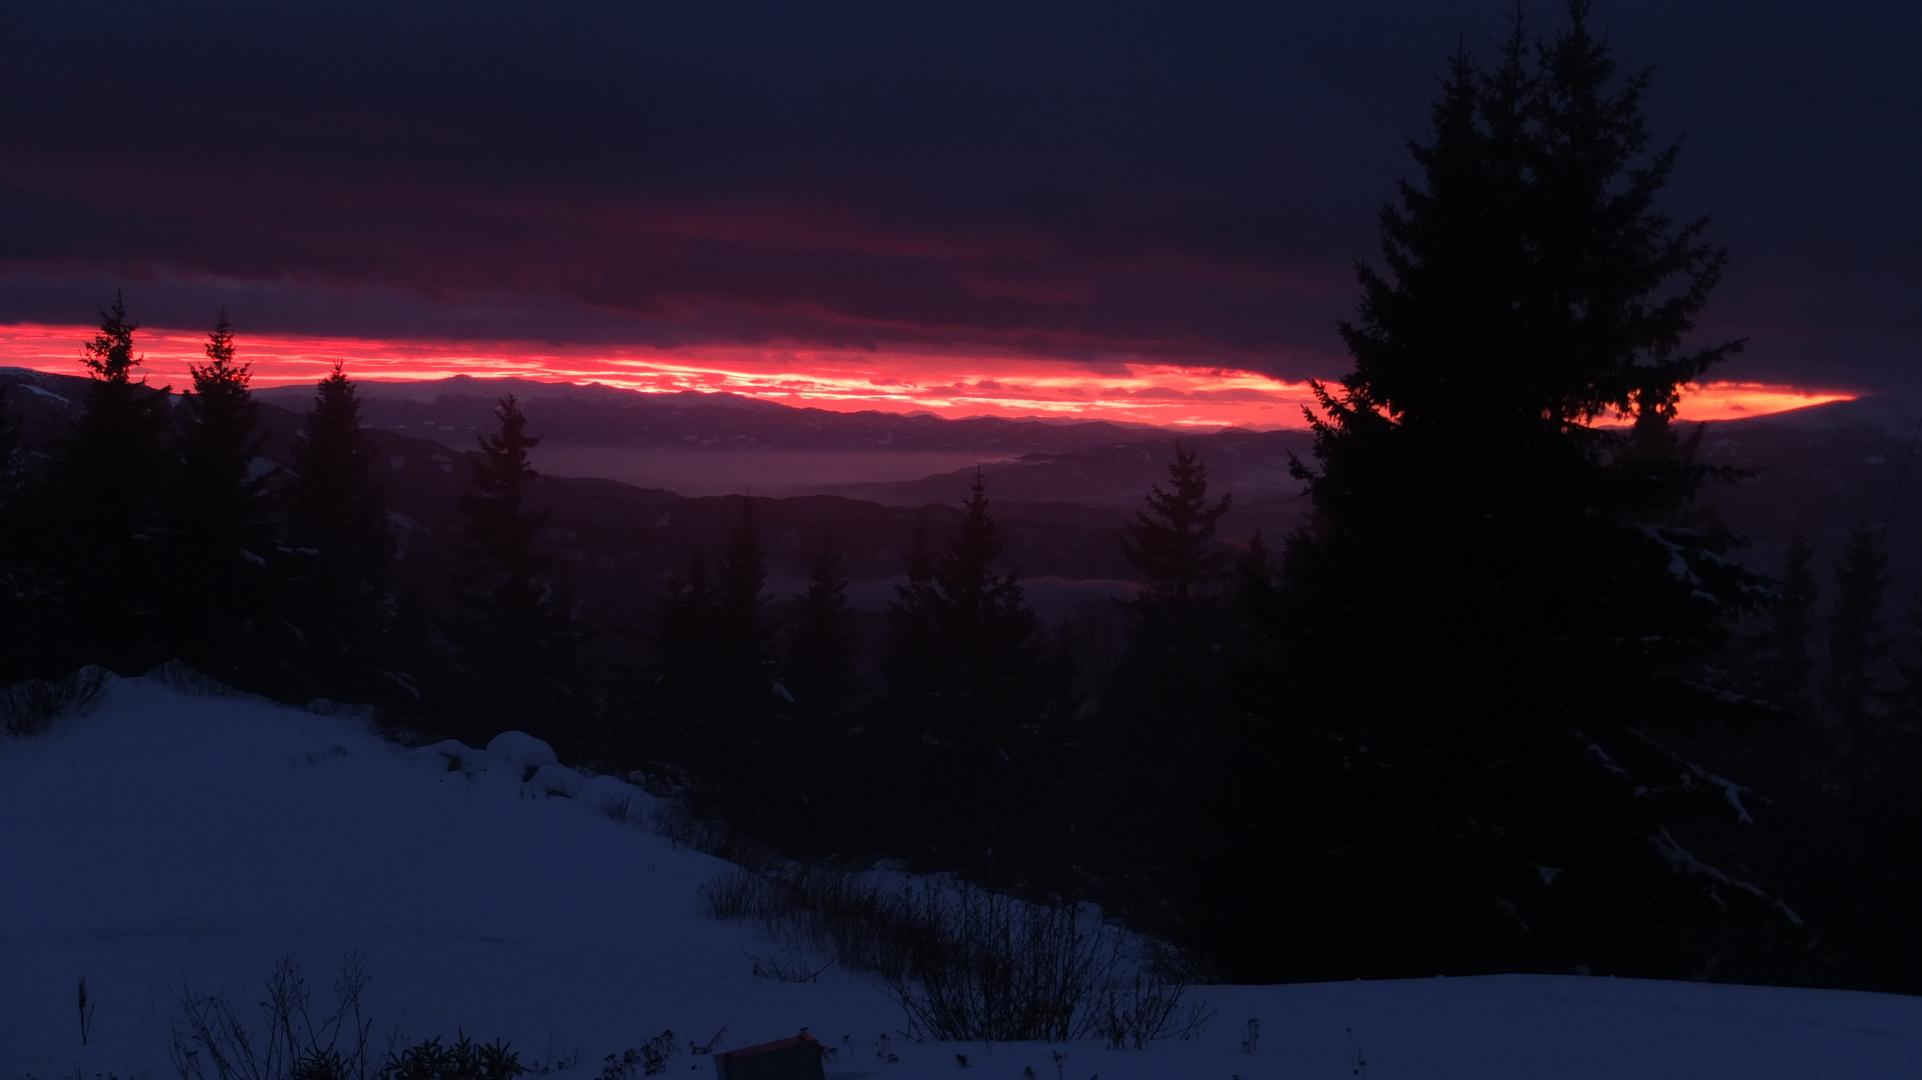 Sun down @ styria-mountains